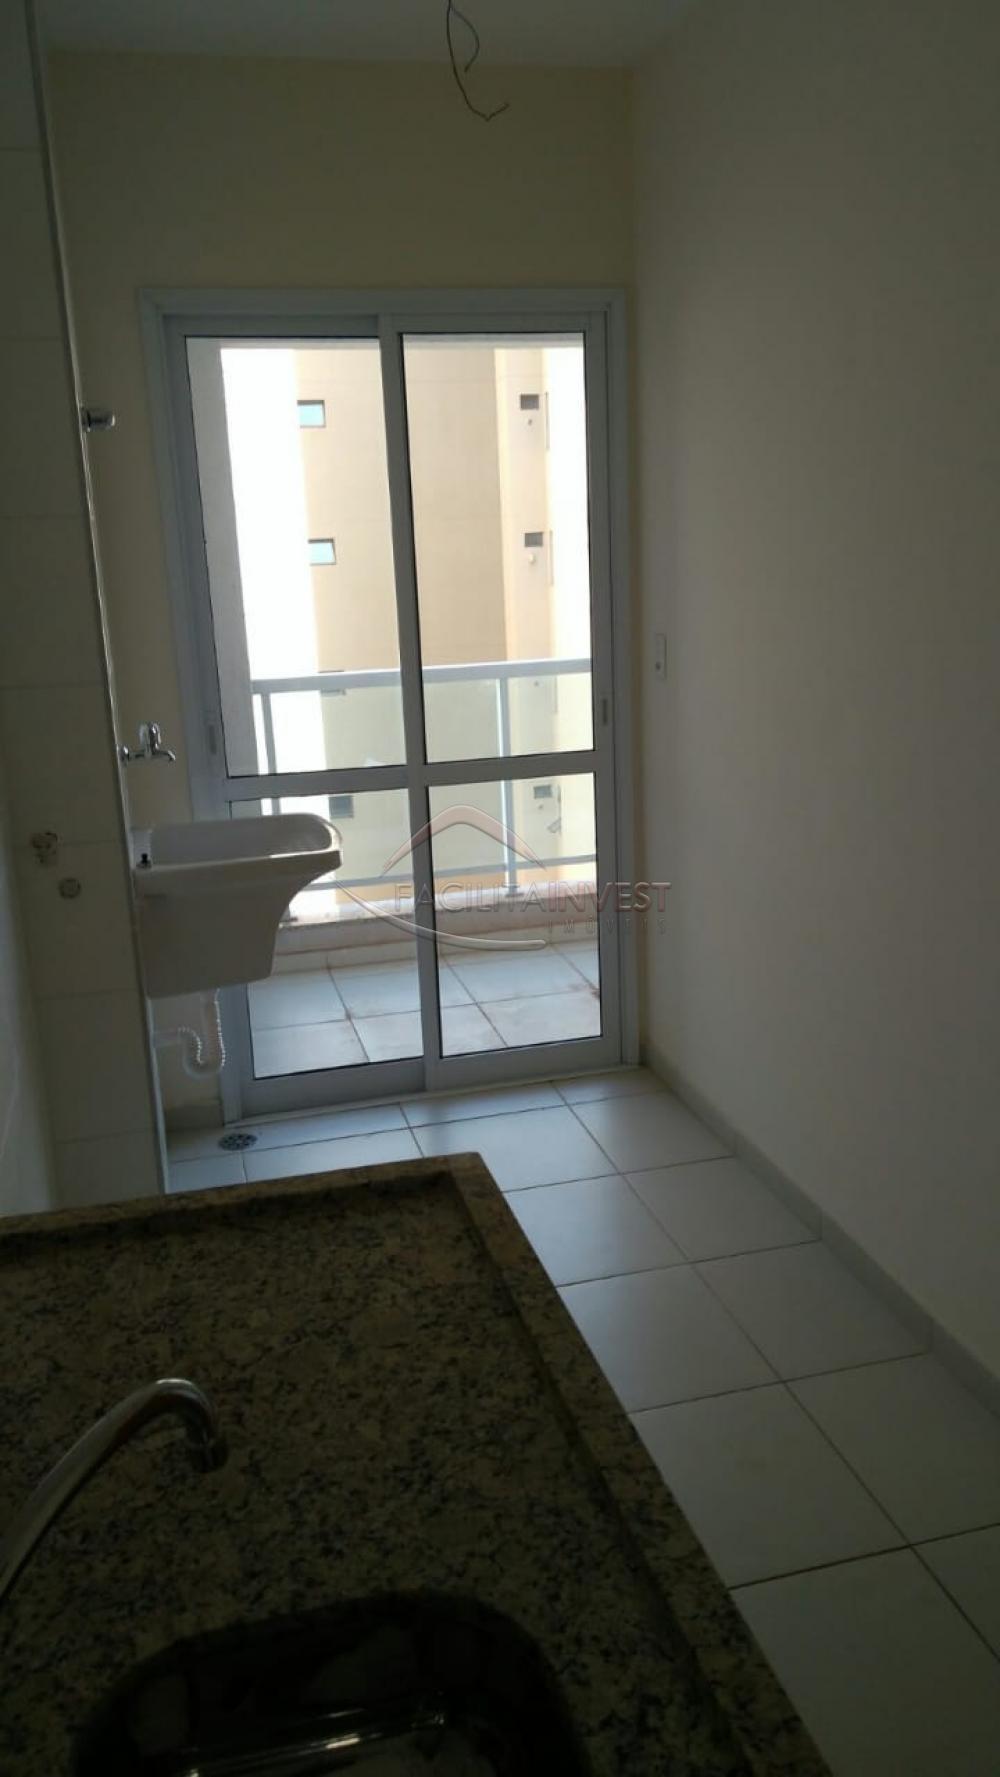 Comprar Lançamentos/ Empreendimentos em Construç / Apartamento padrão - Lançamento em Ribeirão Preto apenas R$ 216.000,00 - Foto 7